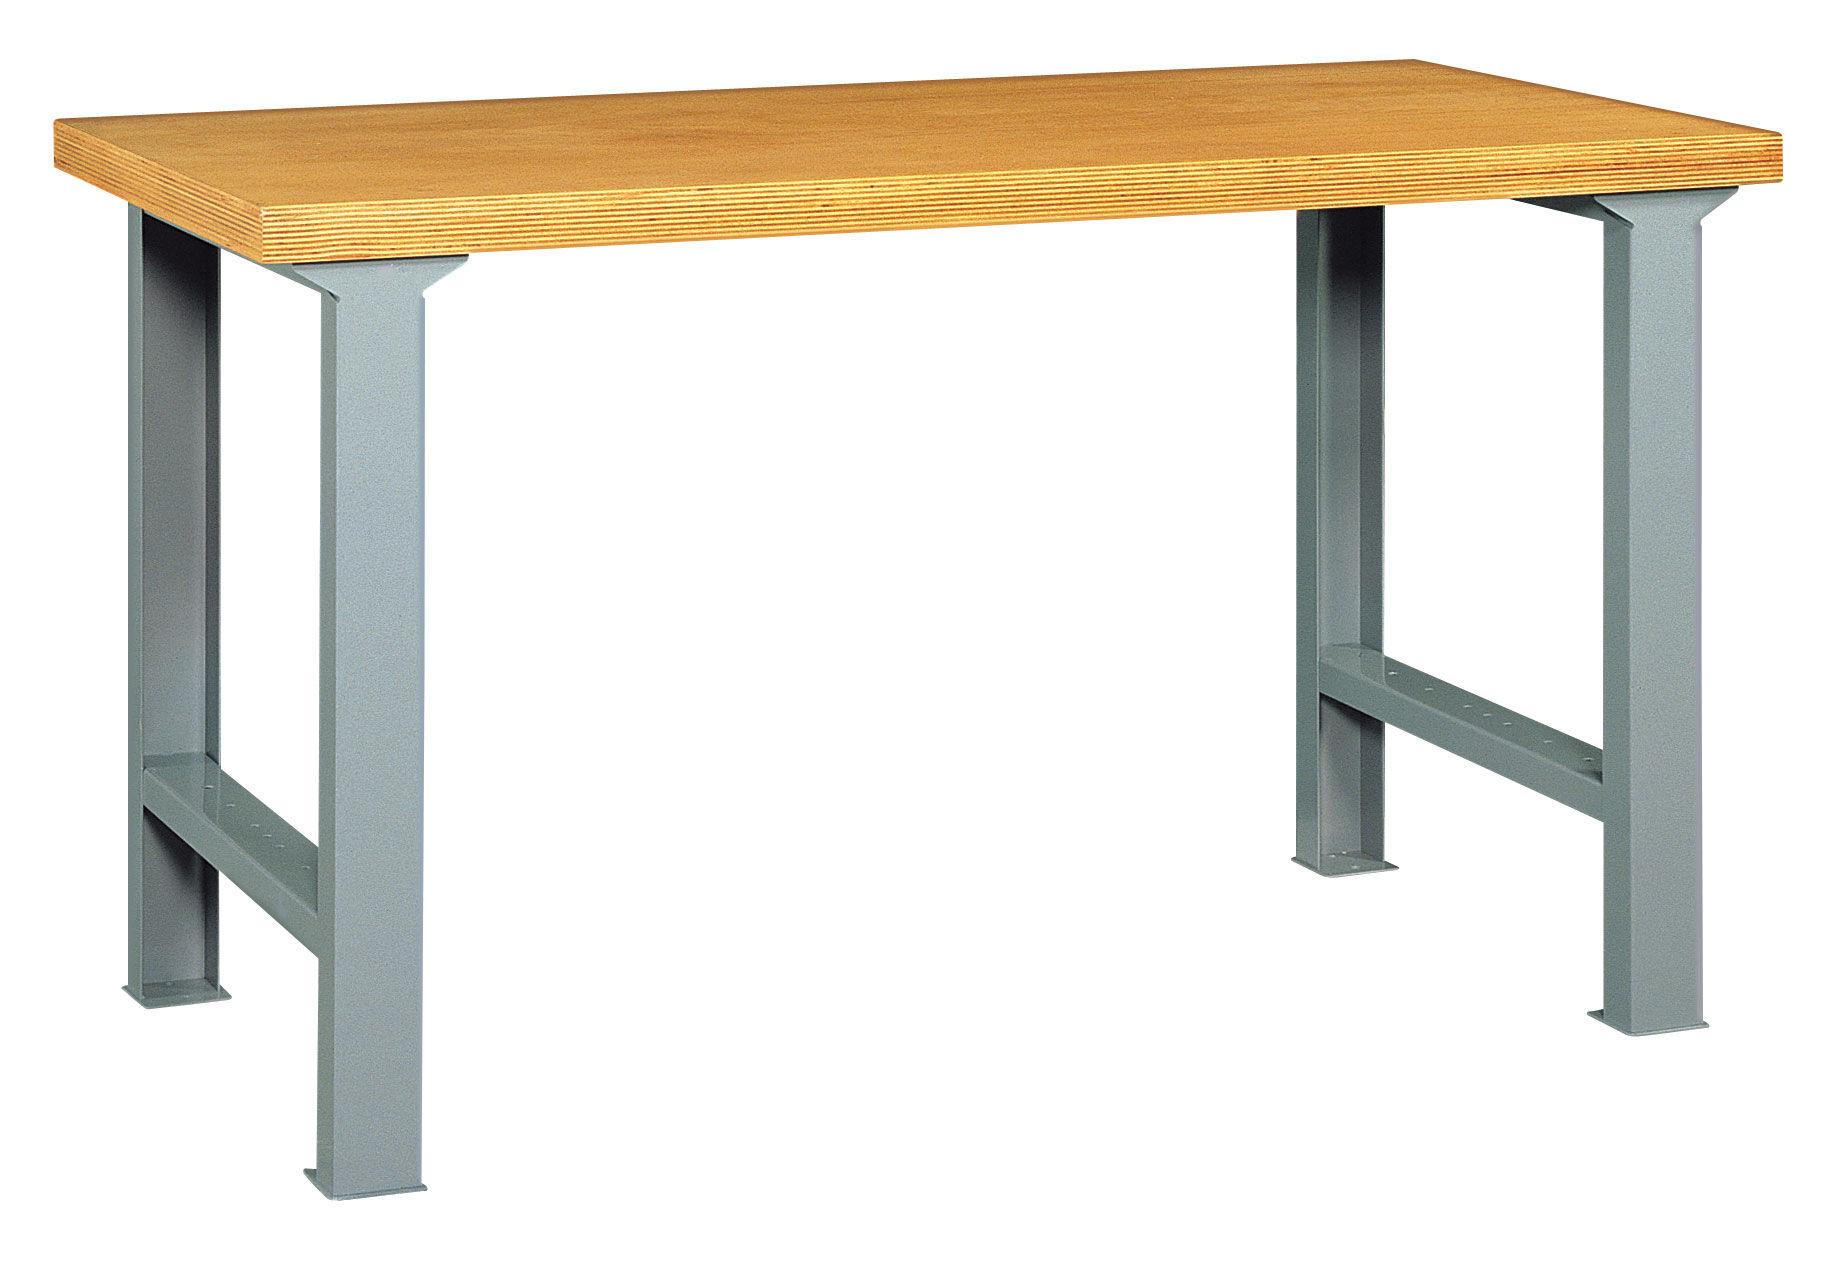 SETAM Etabli d'atelier bois et métal longueur 2500